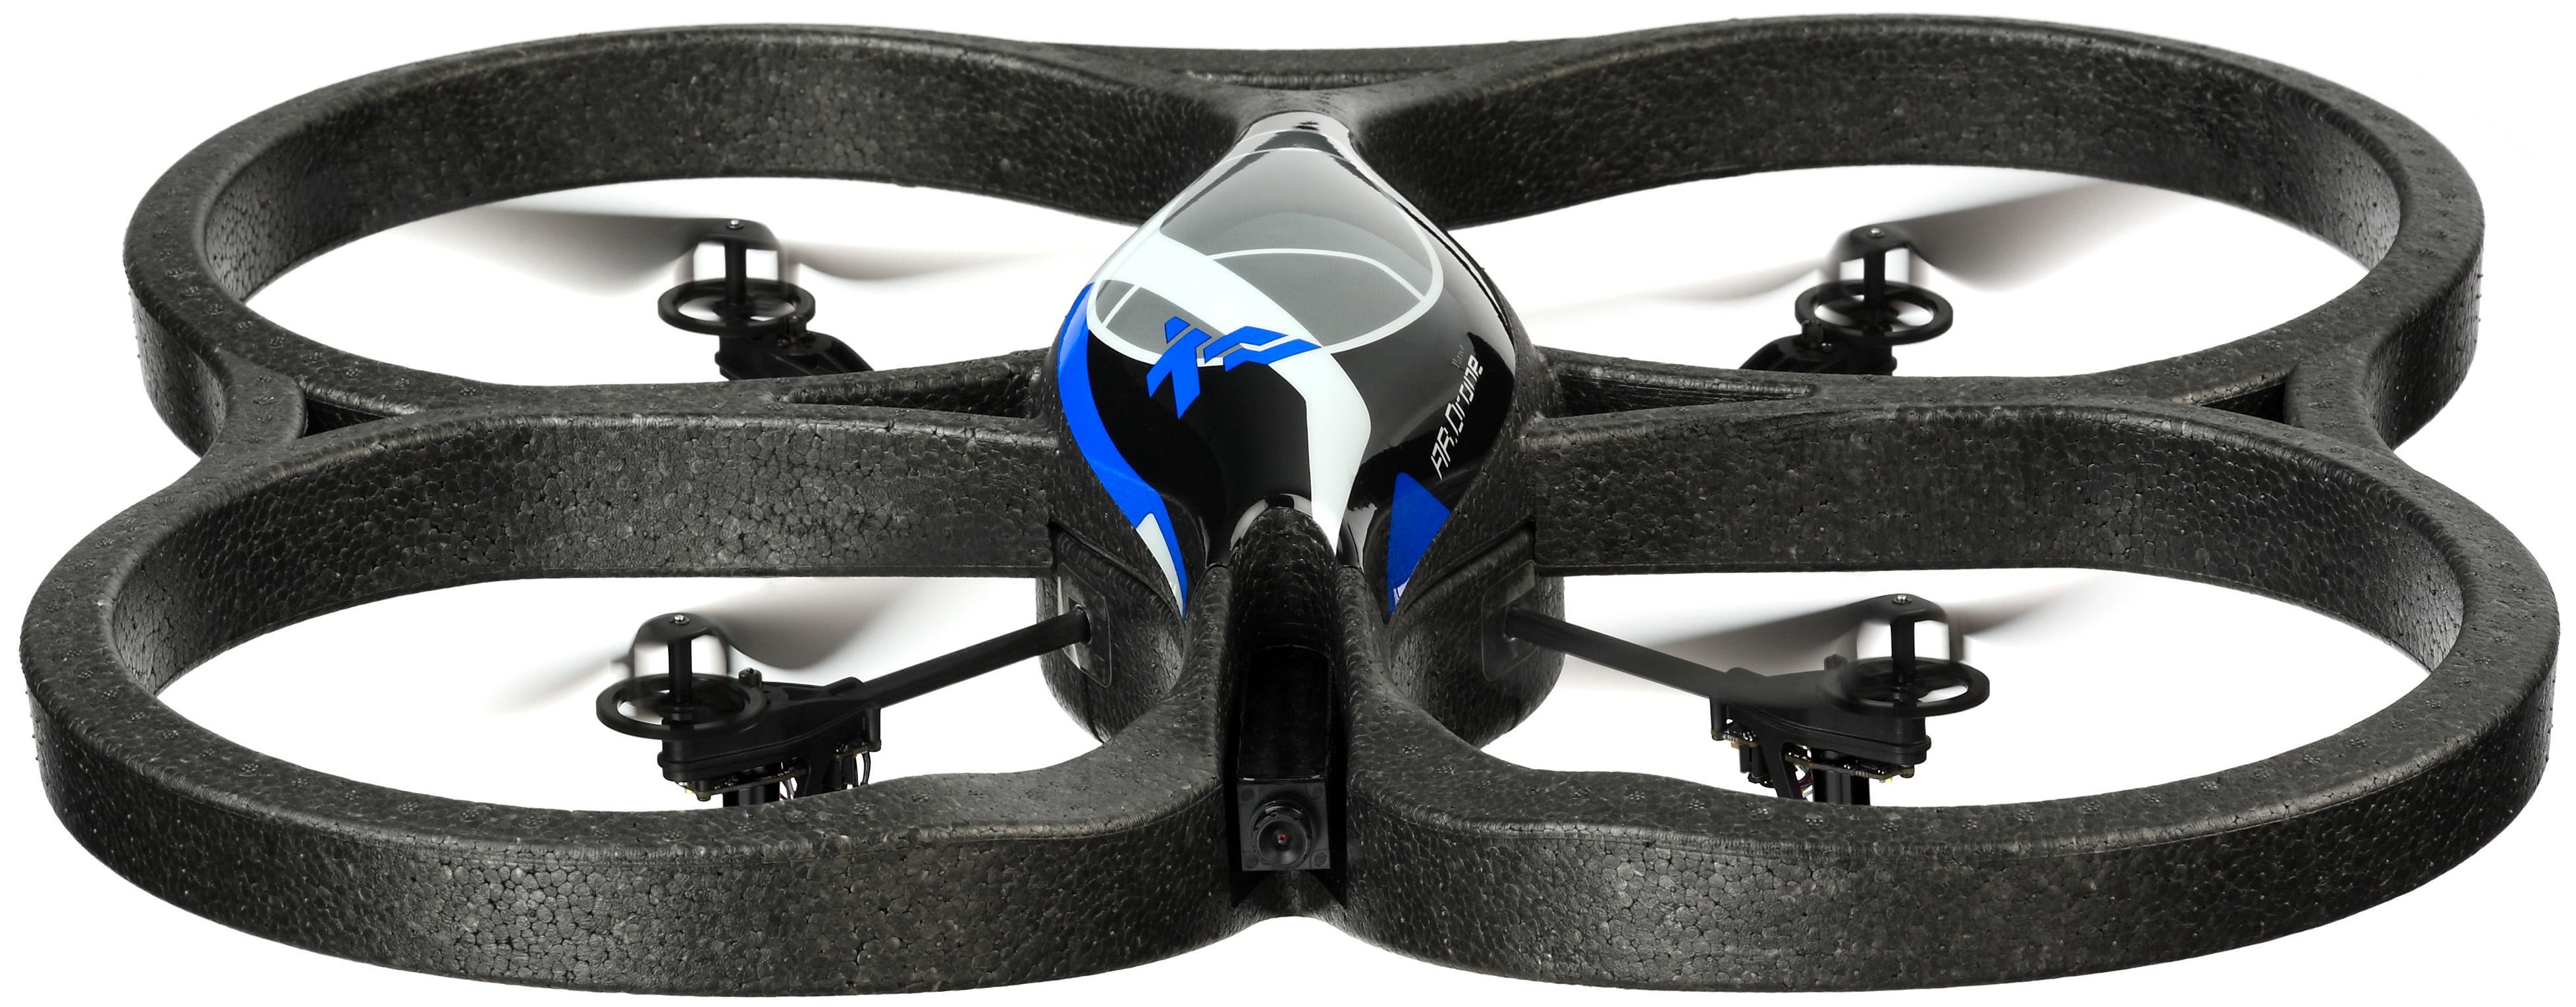 Slik ser AR.Drone ut klar til innebruk.